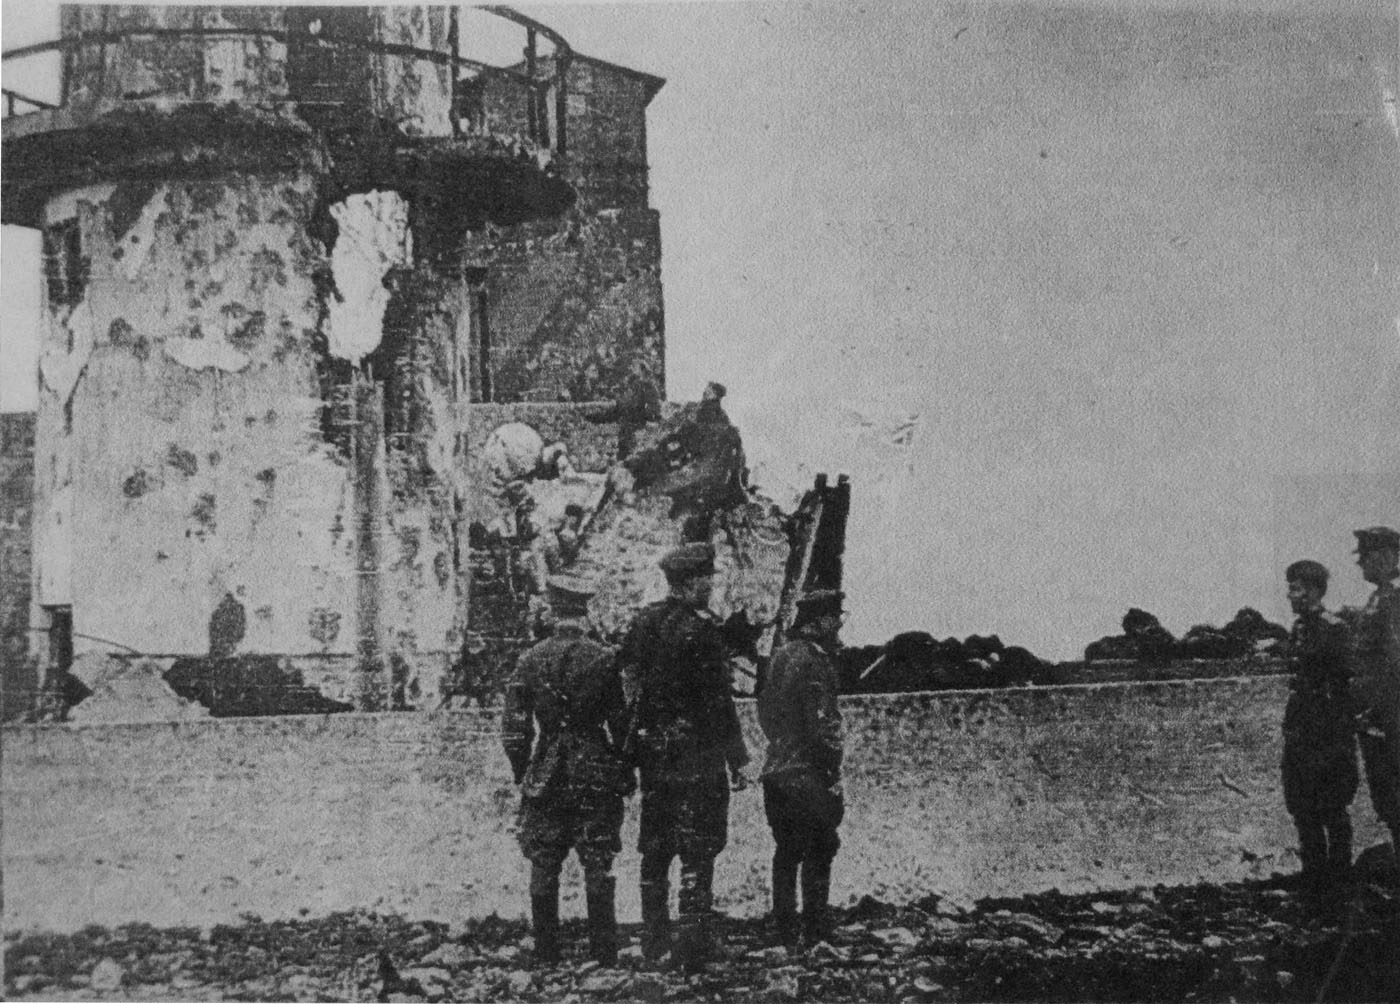 Советские офицеры у сгоревшего японского маяка на мысе Кокутан (Кубатого) острова Шумшу (Курильские острова)